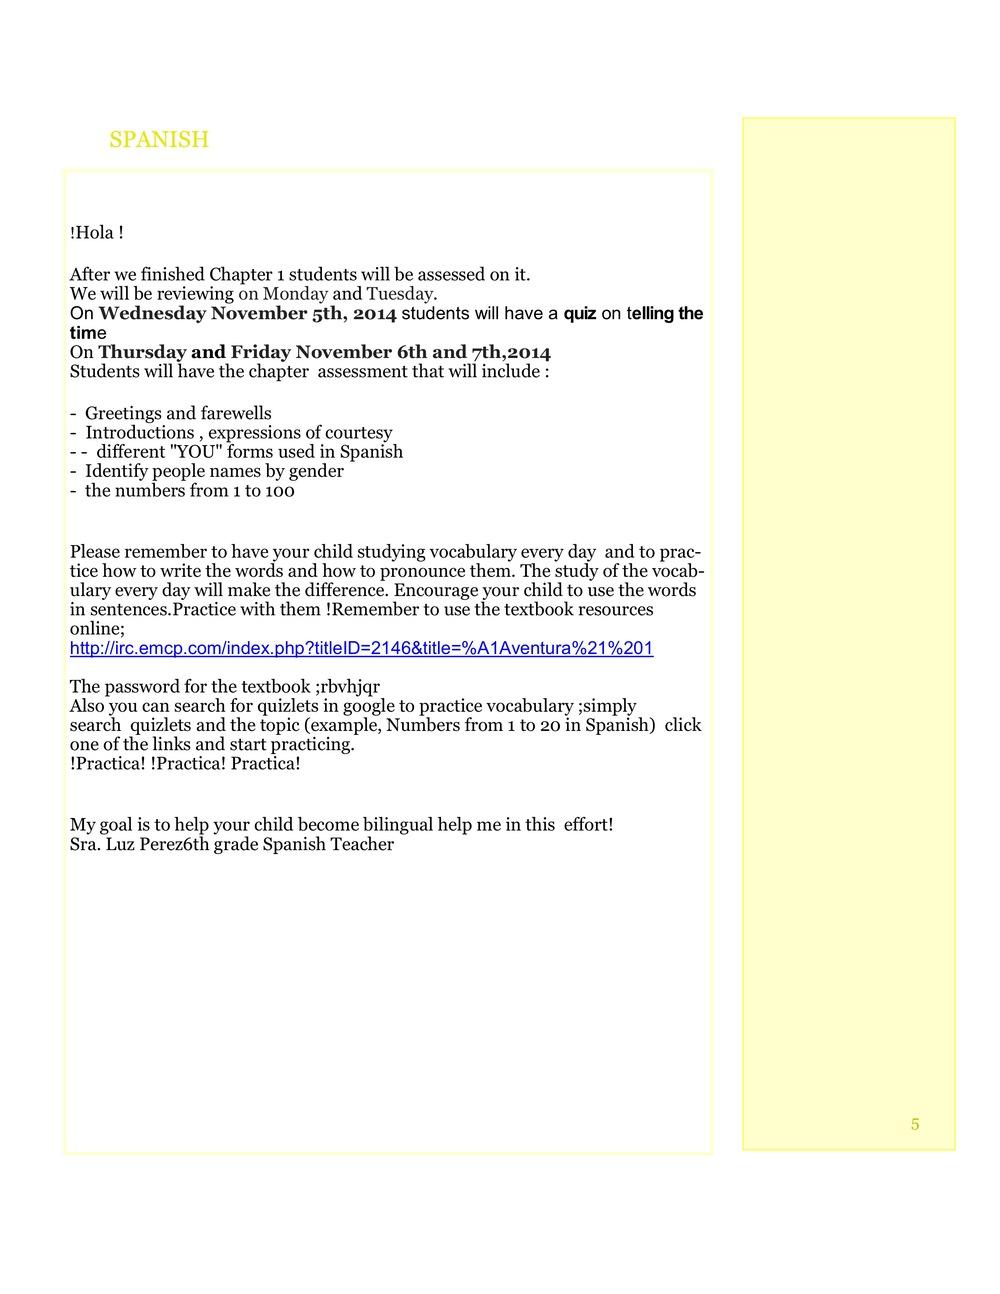 Newsletter ImageNovember 3-7 5.jpeg